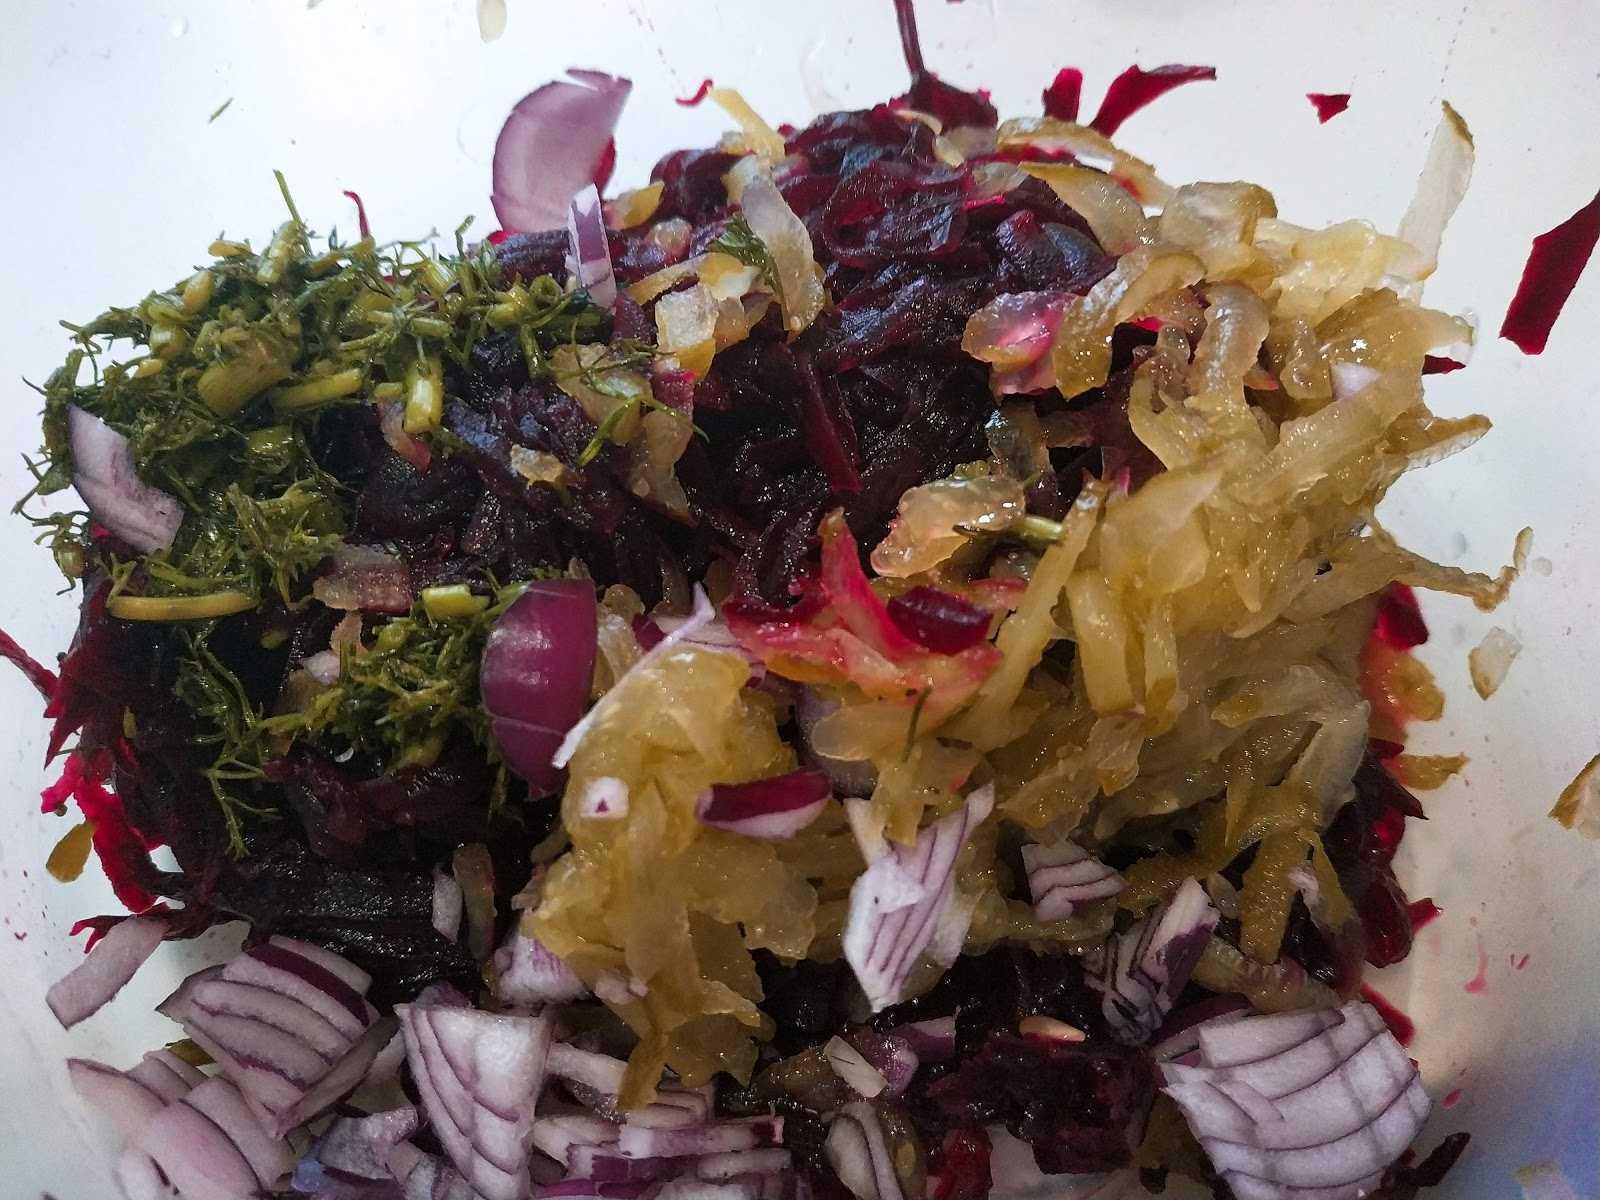 Салат из свеклы и соленых огурцов – полезный, быстро готовится, не дорогой: рецепт с фото и видео